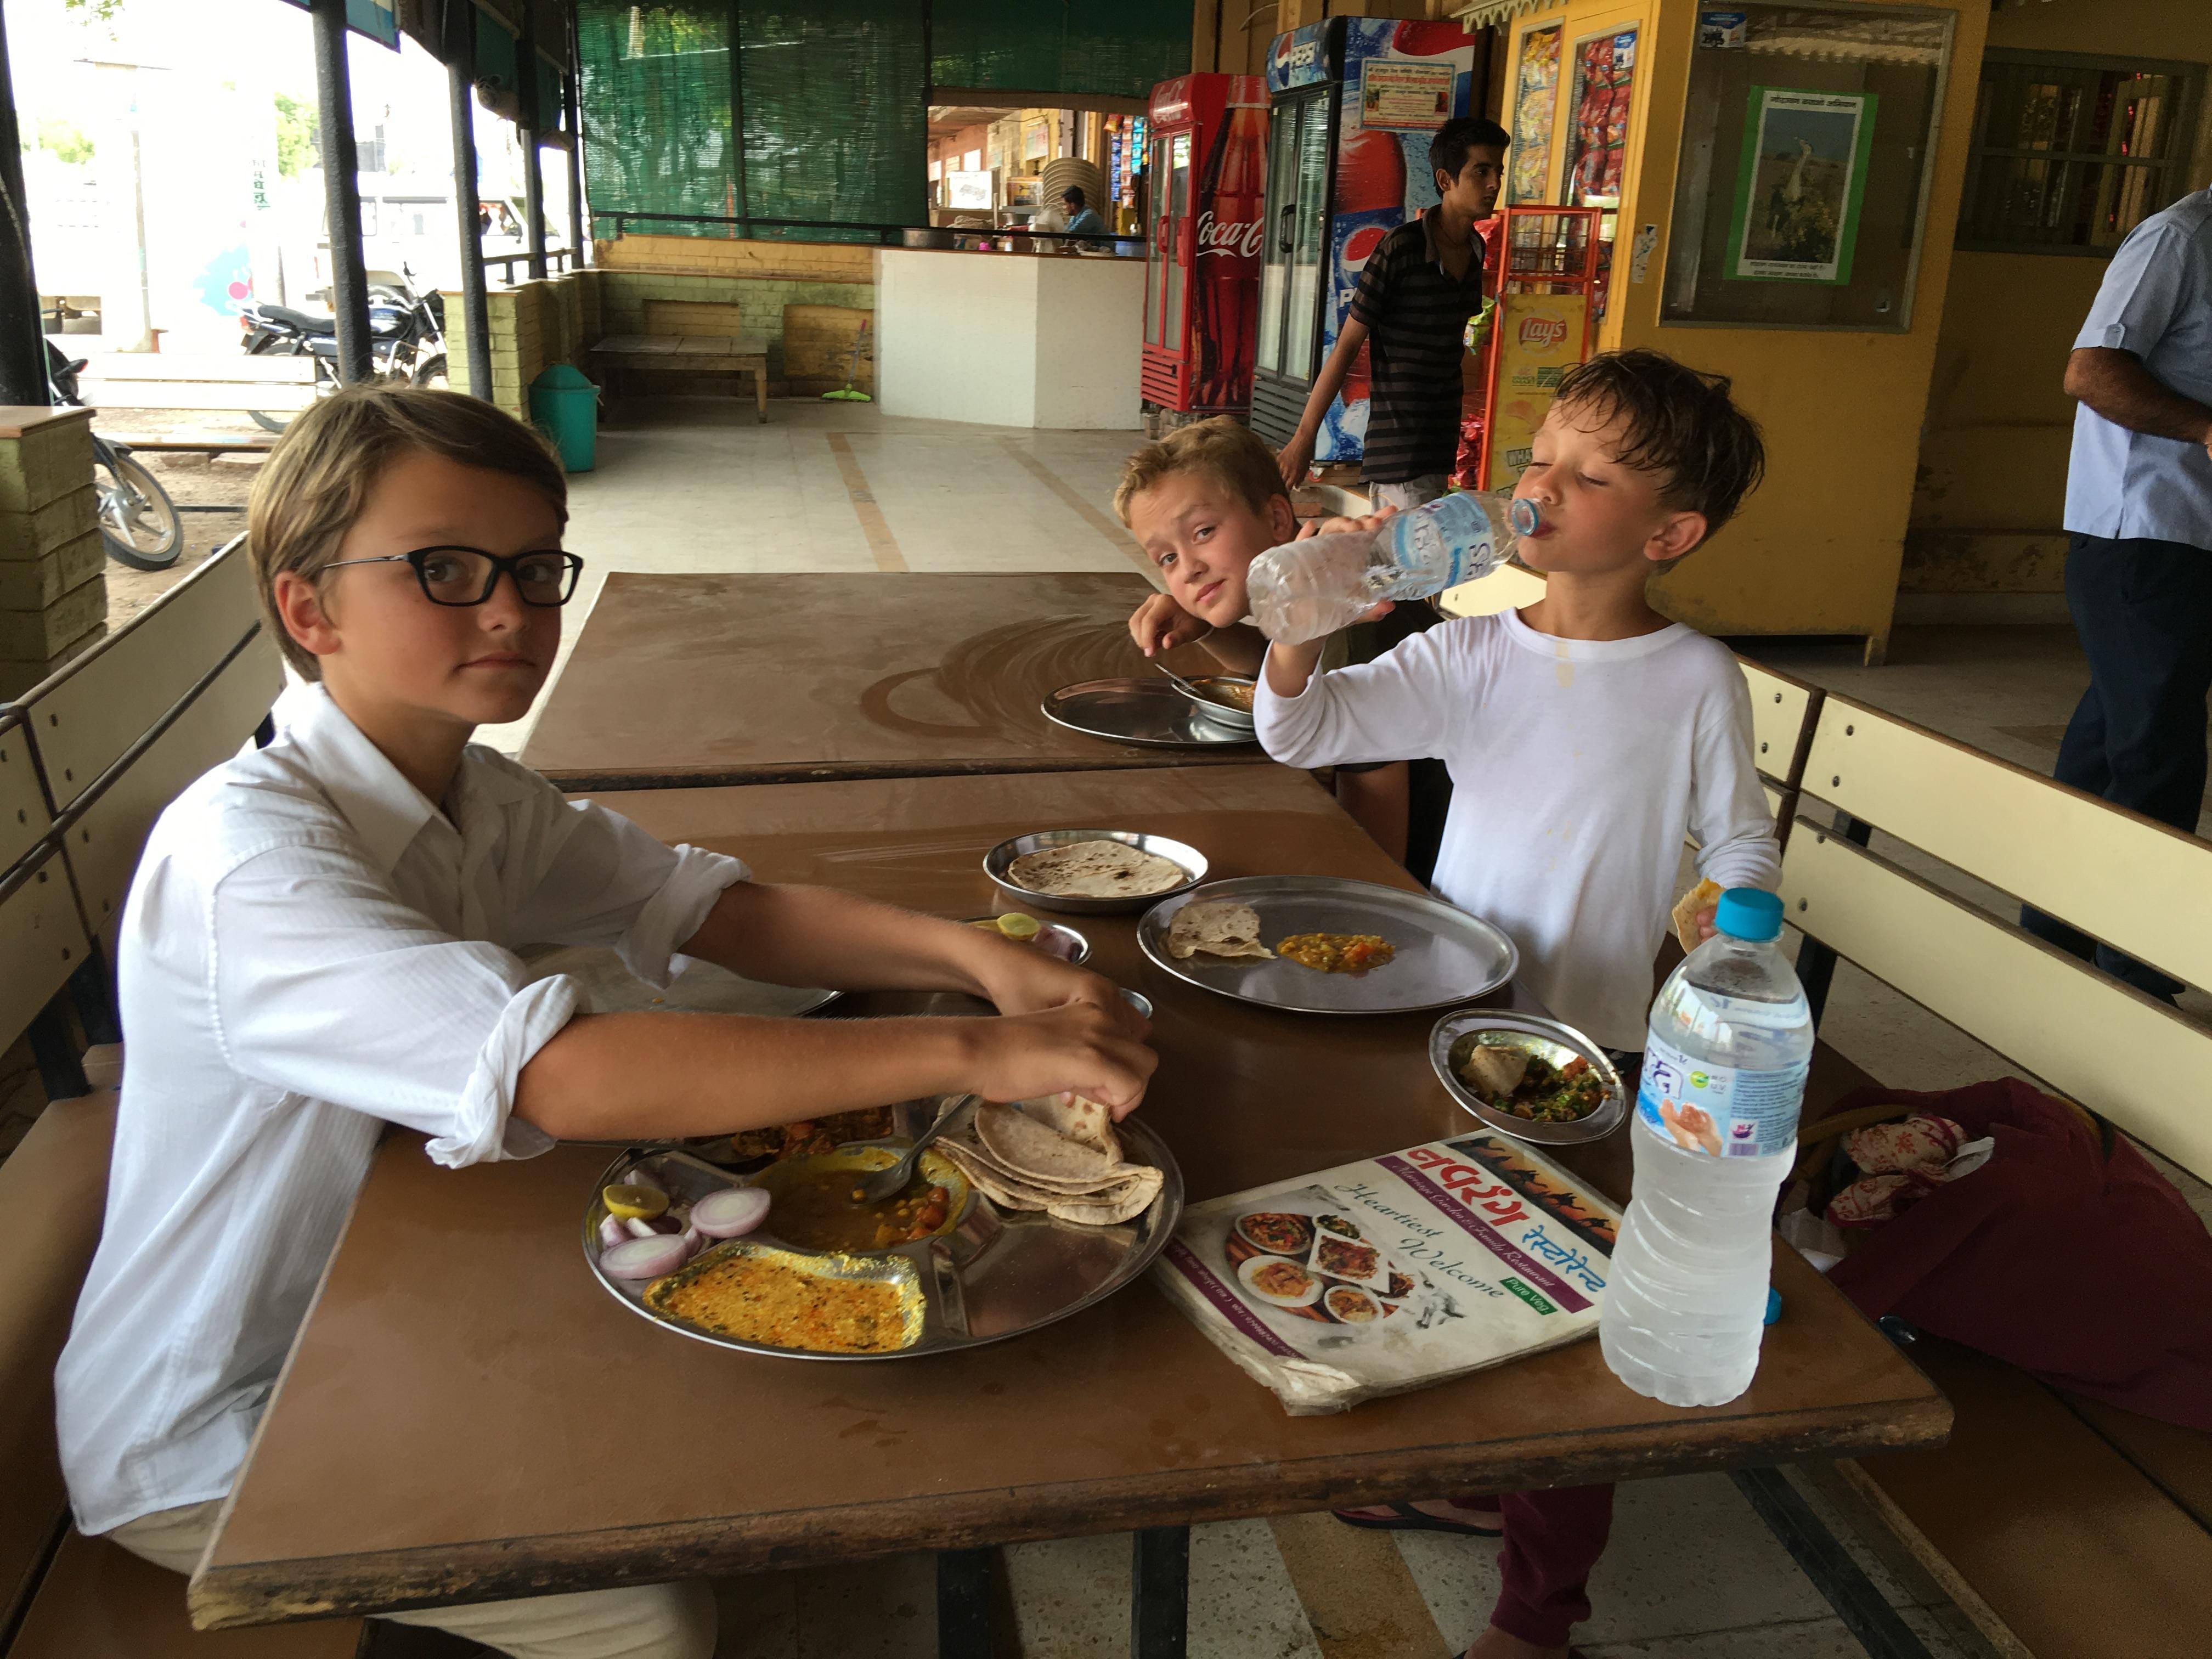 Ein bisschen gewischt hab ich den Tisch:) saugutes essen! Und immer Unmengen von rohen Zwiebeln, Limetten und grünen Chiles.... Paradies.